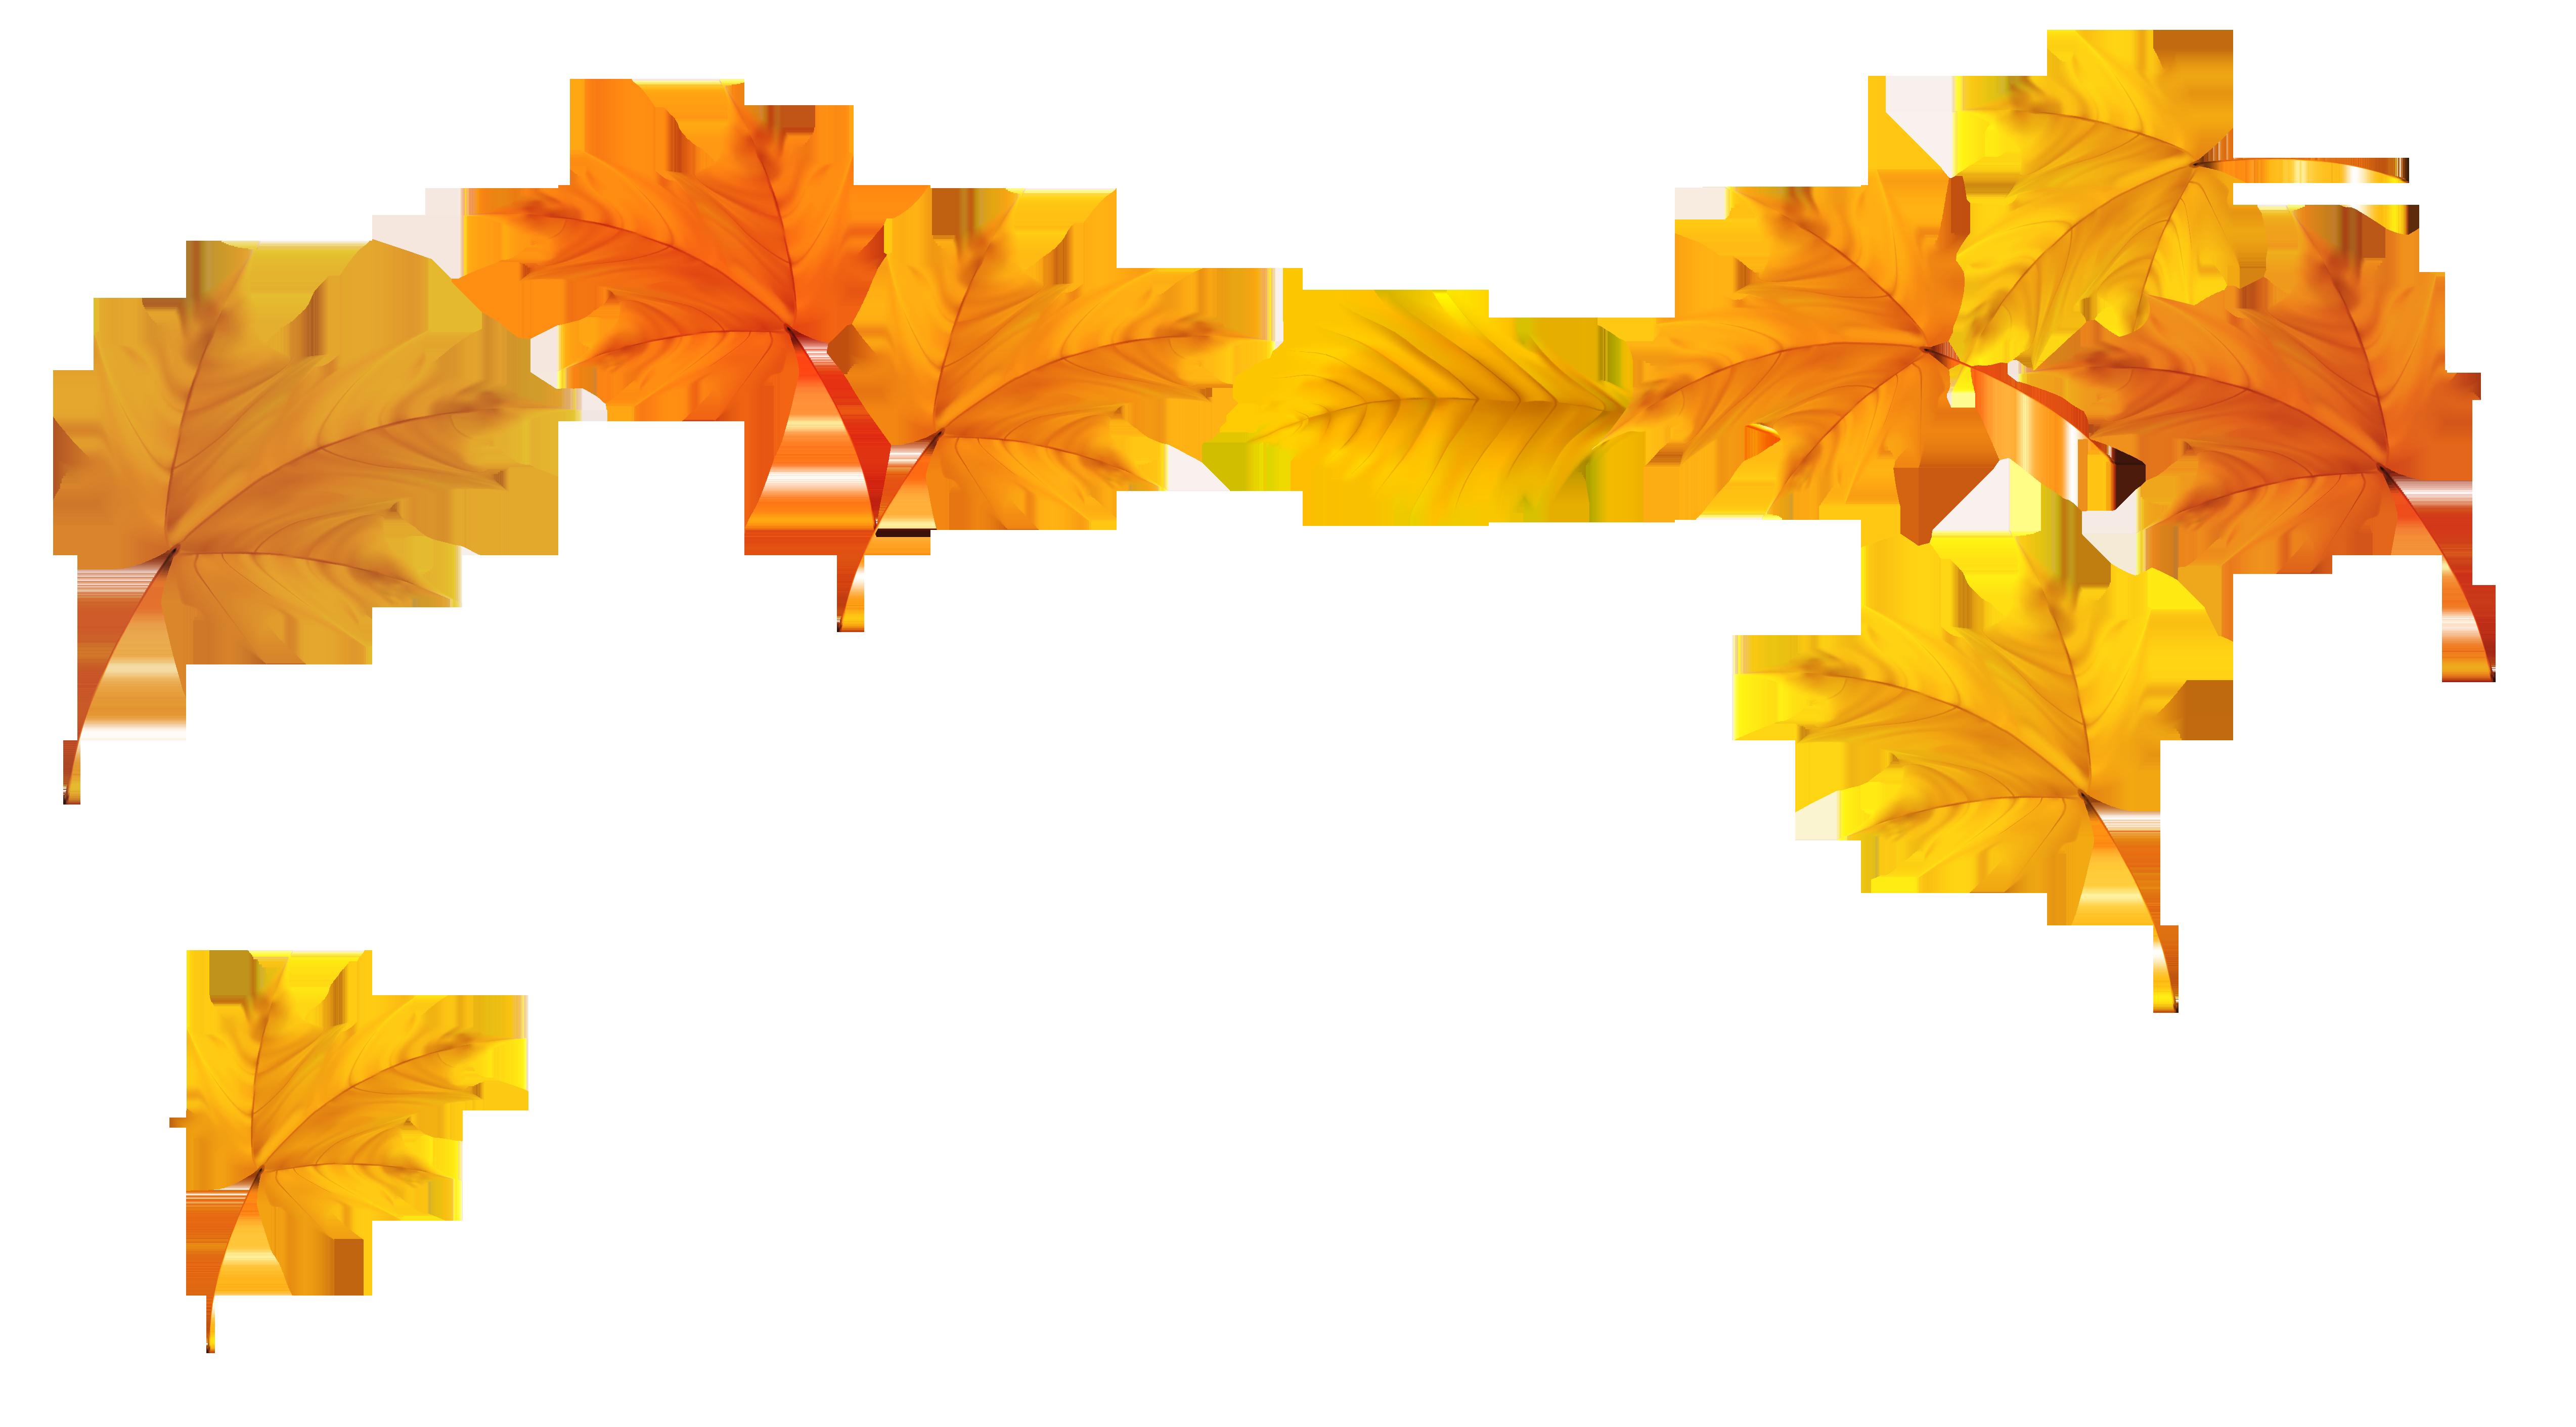 Falling Leaves Transparent Background   PNG Mart